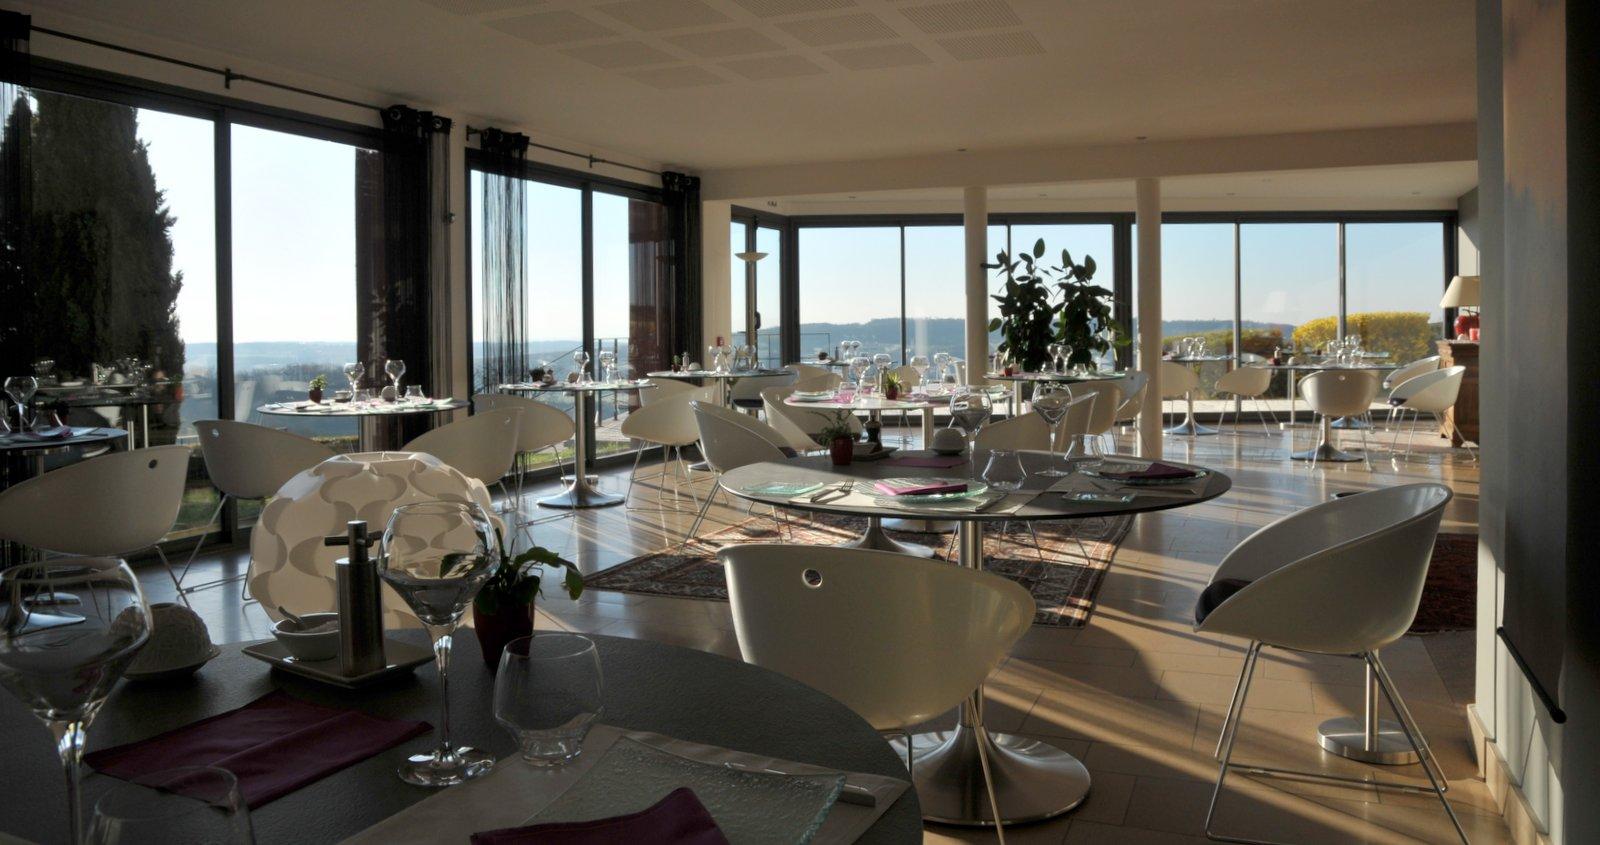 Populaire Le Garde-Manger : salle de restaurant avec vue panoramique - La  QL44